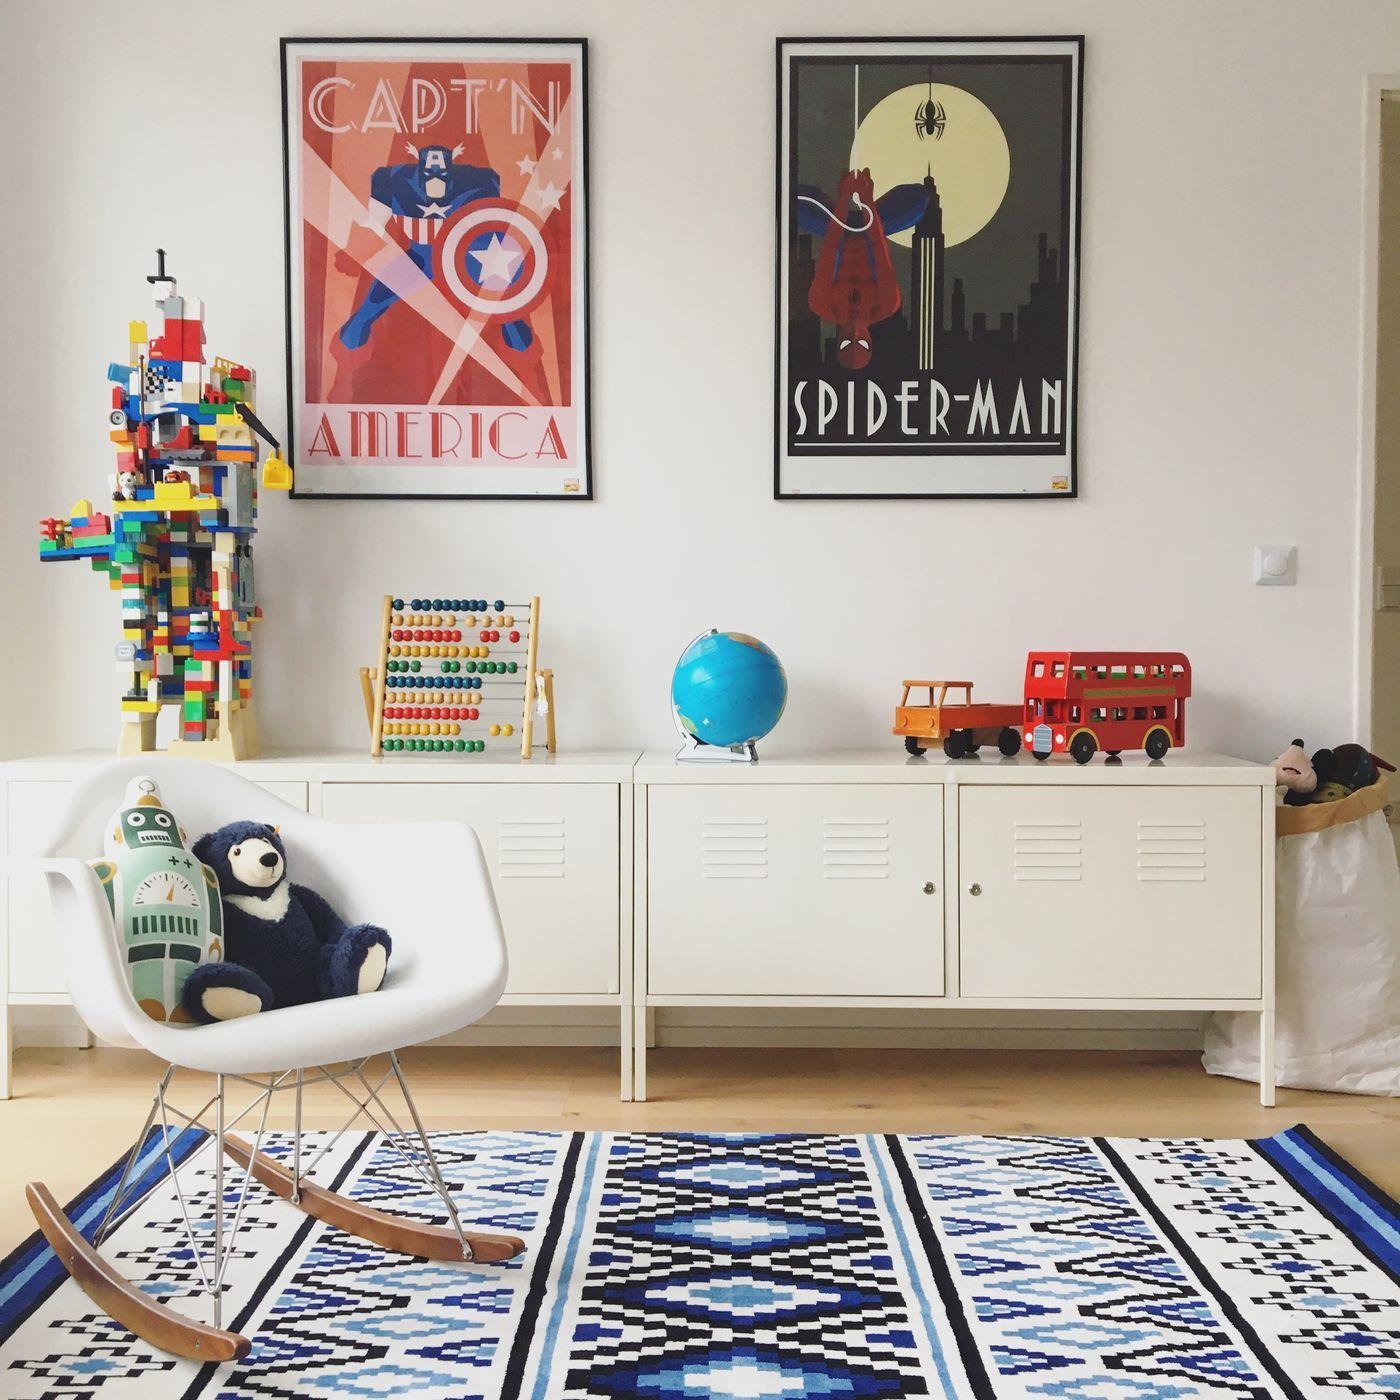 Full Size of Schnsten Ideen Fr Dein Kinderzimmer Regal Weiß Badezimmer Einrichten Kleine Küche Regale Sofa Kinderzimmer Kinderzimmer Einrichten Junge